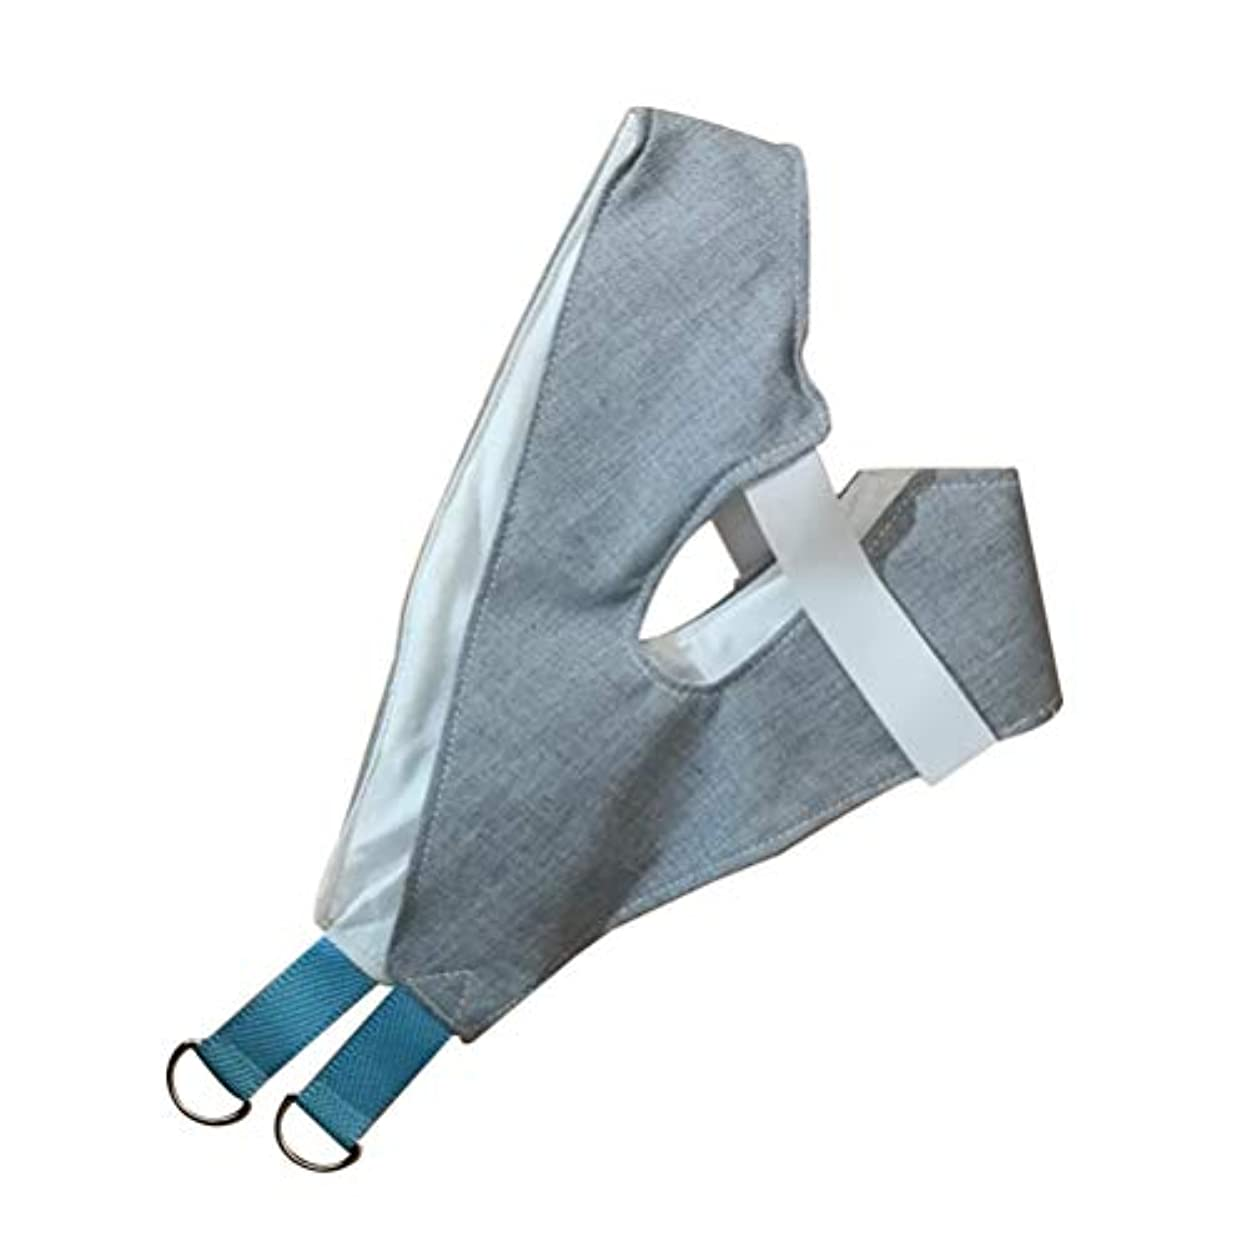 投資宣教師求めるHEALLILY ホームネック牽引装置(ドアの向こう側)頸部牽引装置ユニット肩括弧頭痛緩和および回復用具(ラムダムカラー)